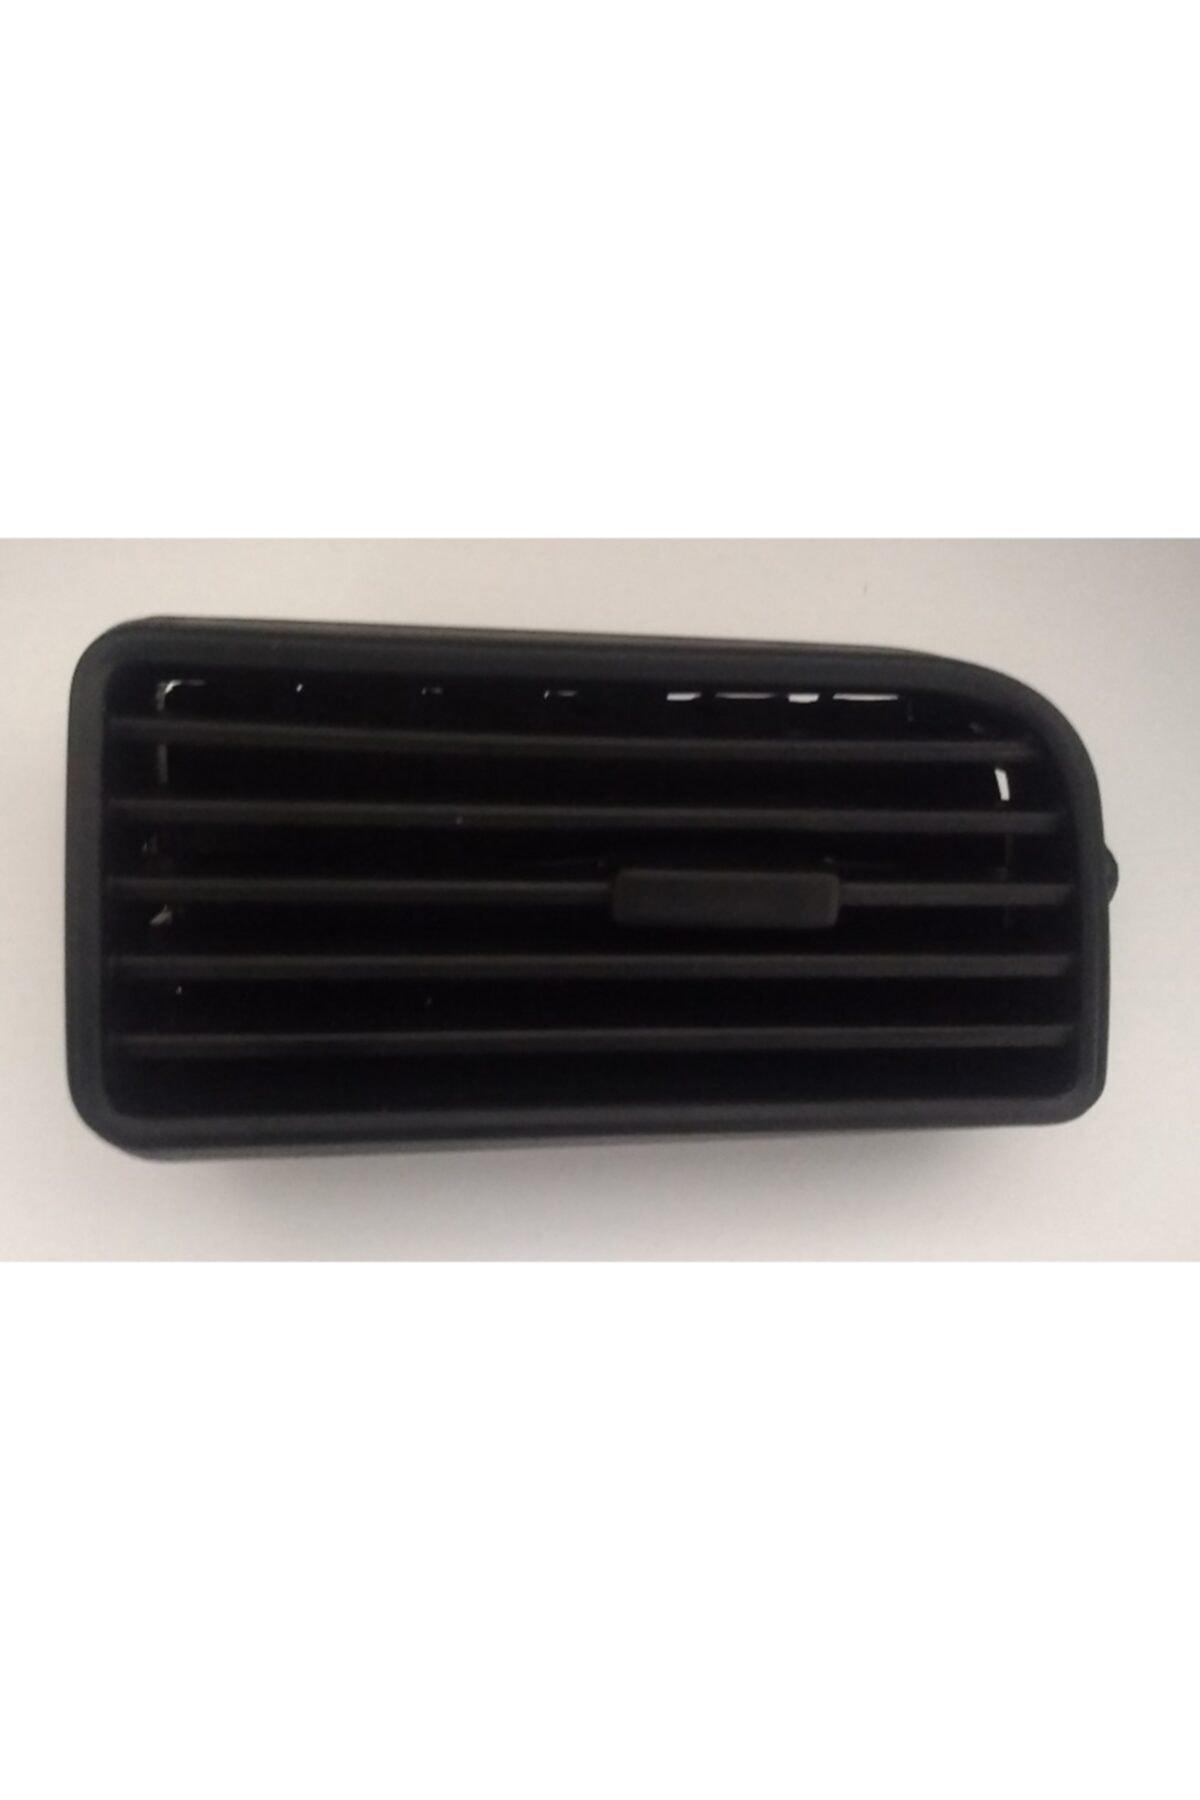 Fiat Doblo Linea G.punto Havalandırma Difizörü Orta Sağ Yan Sol Tarafref/735491768 1